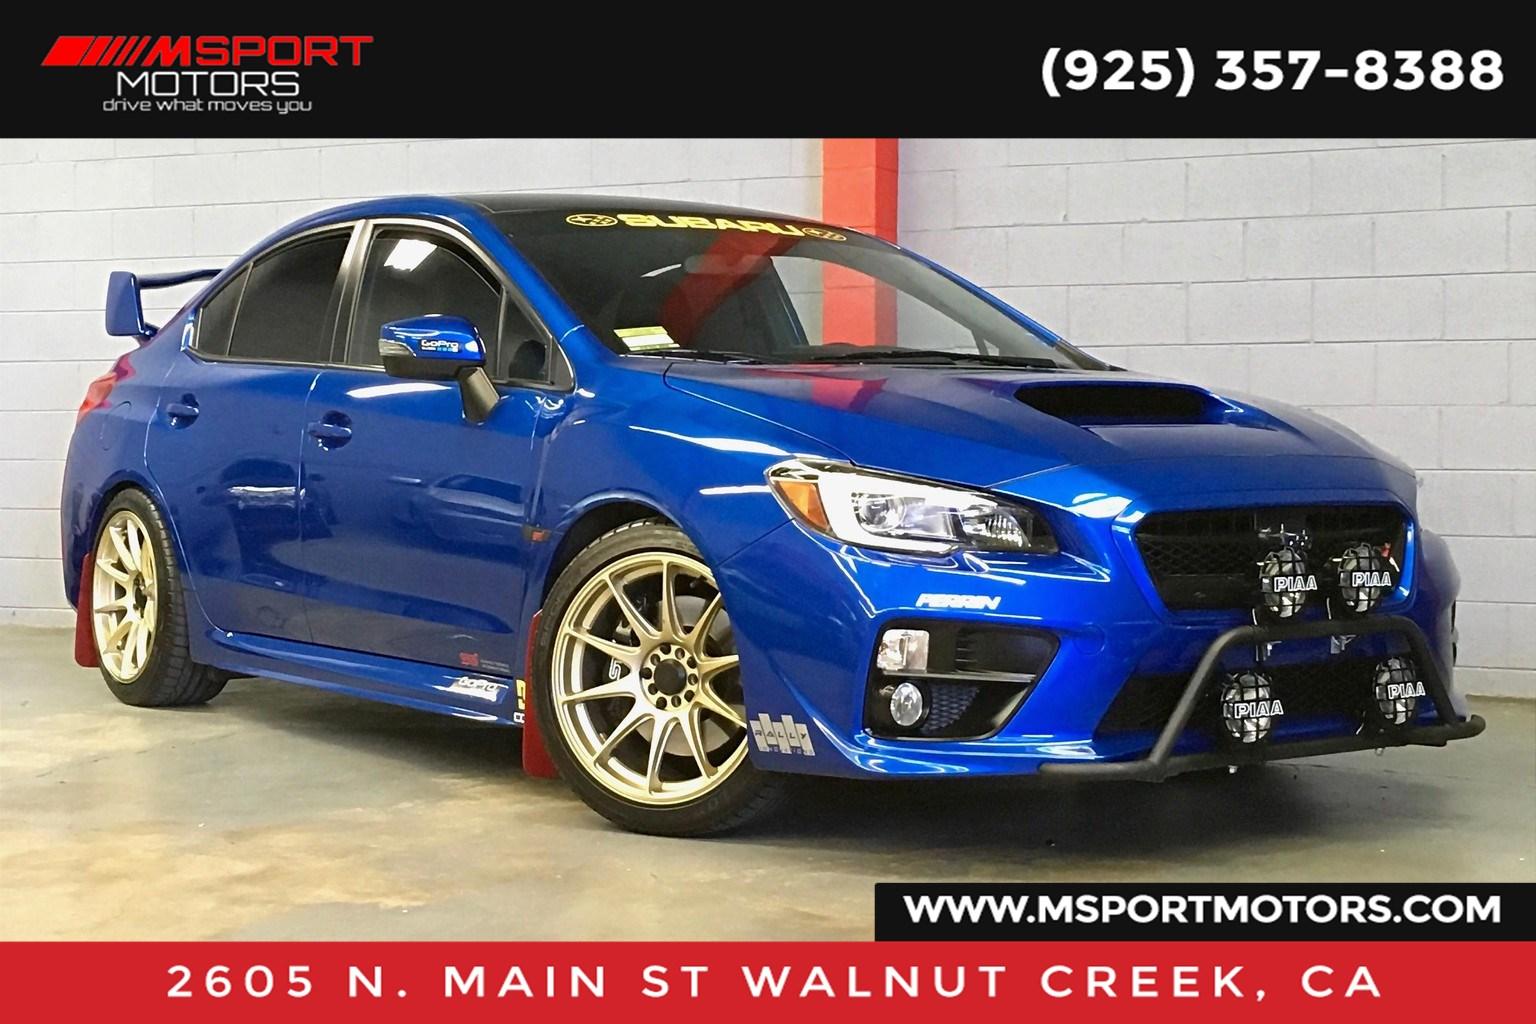 Walnut Creek Subaru >> 2015 Subaru Wrx Sti Wrx Sti M Sport Motors